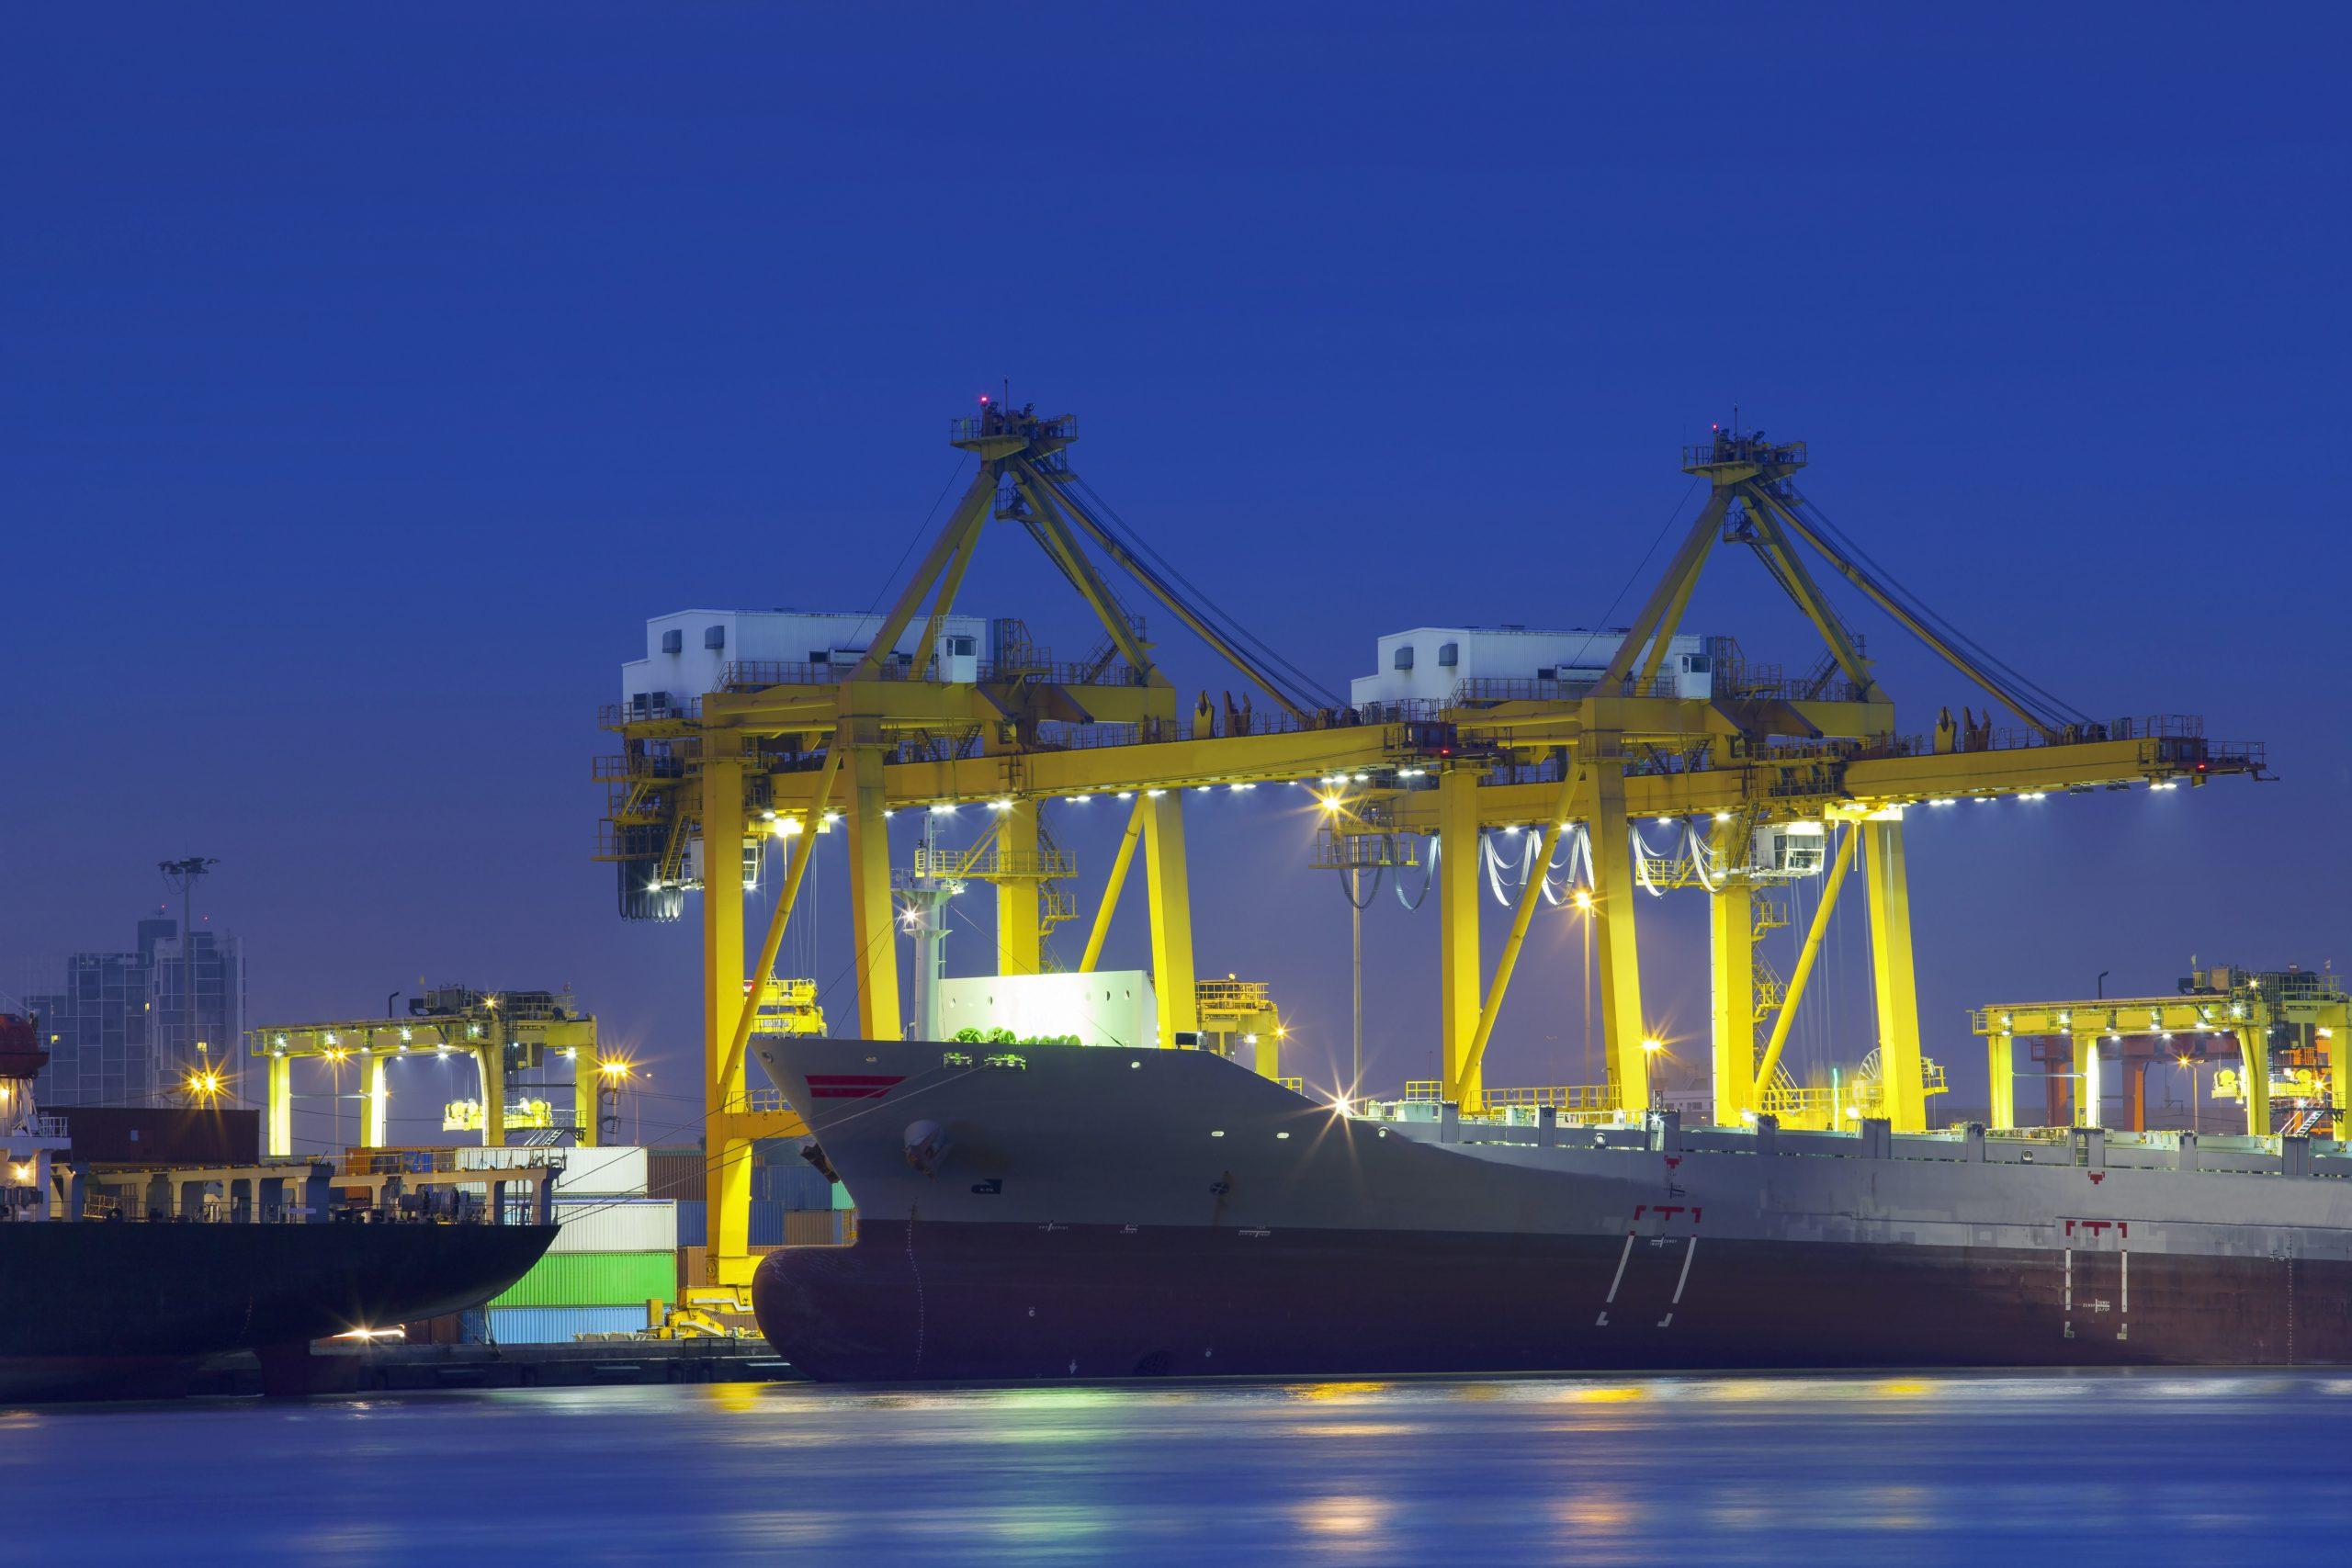 Maritime Led Lighting